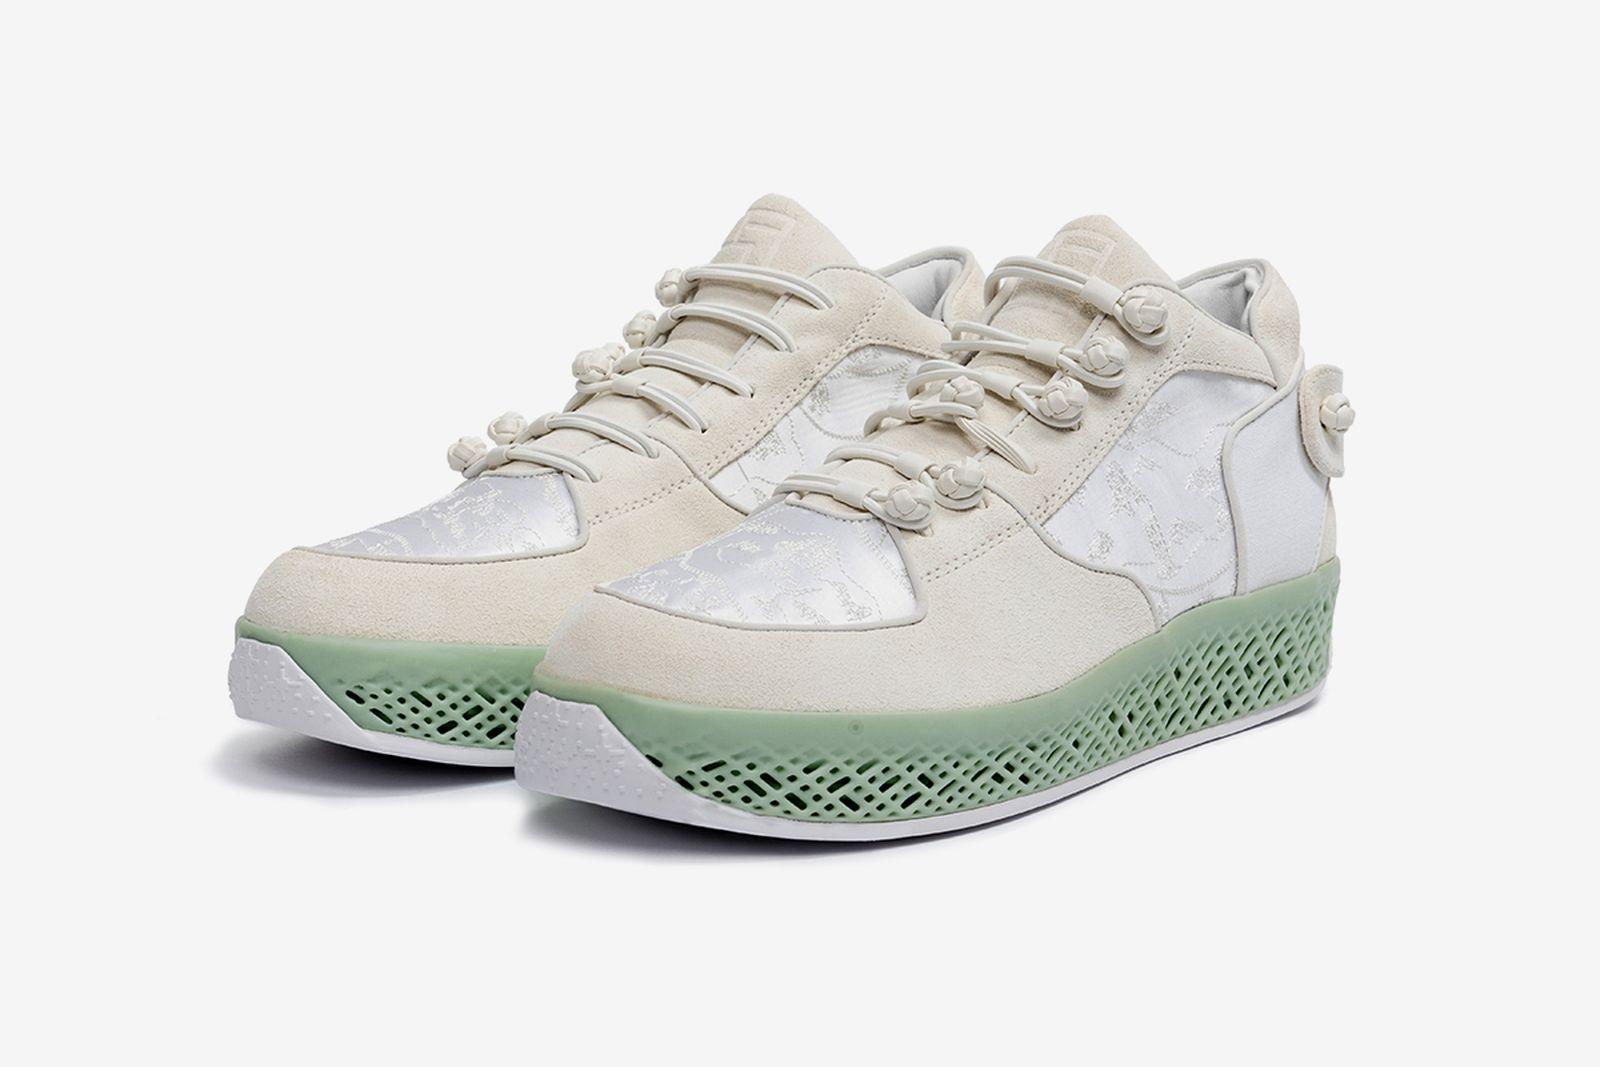 shang-zia-shuneaker-release-date-price-09